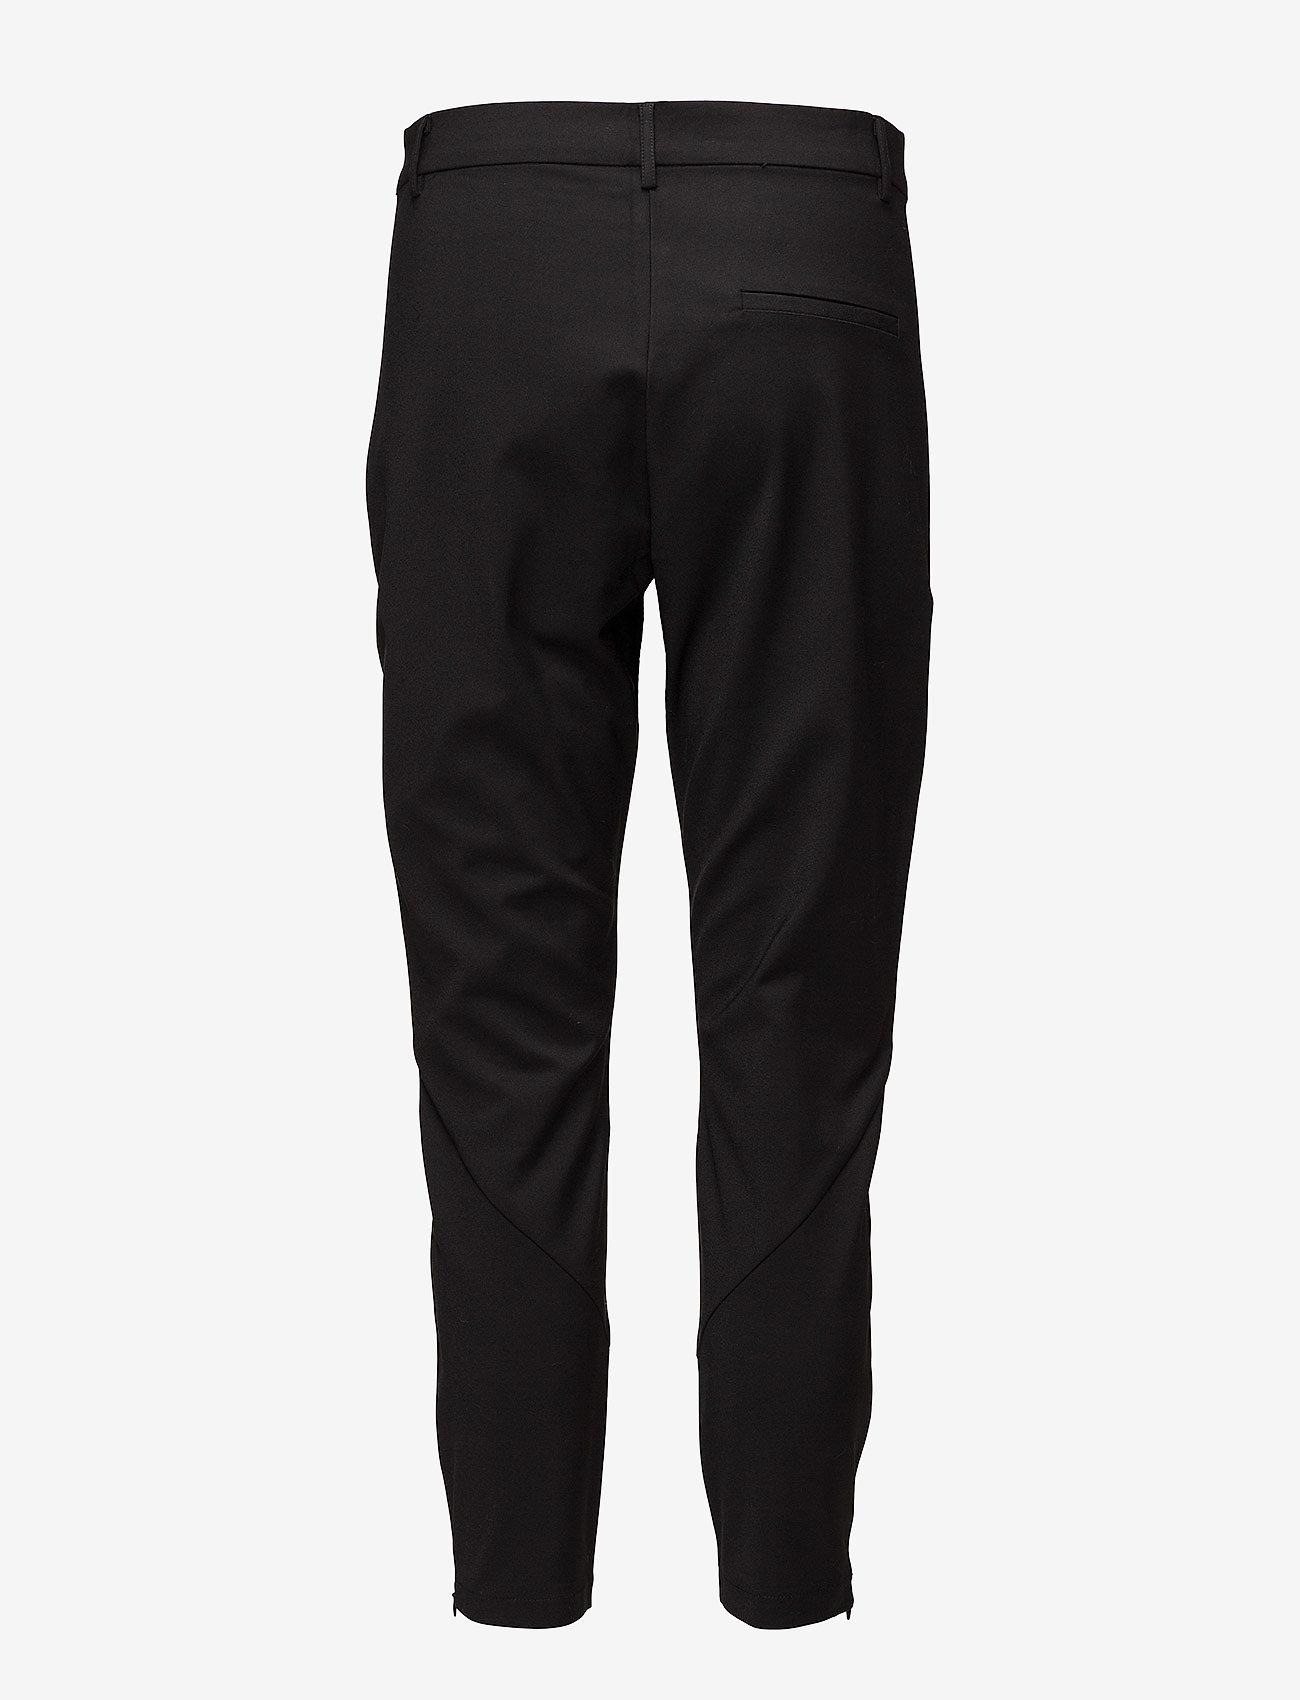 Coster Copenhagen - 7/8 pants - Stella - spodnie proste - black